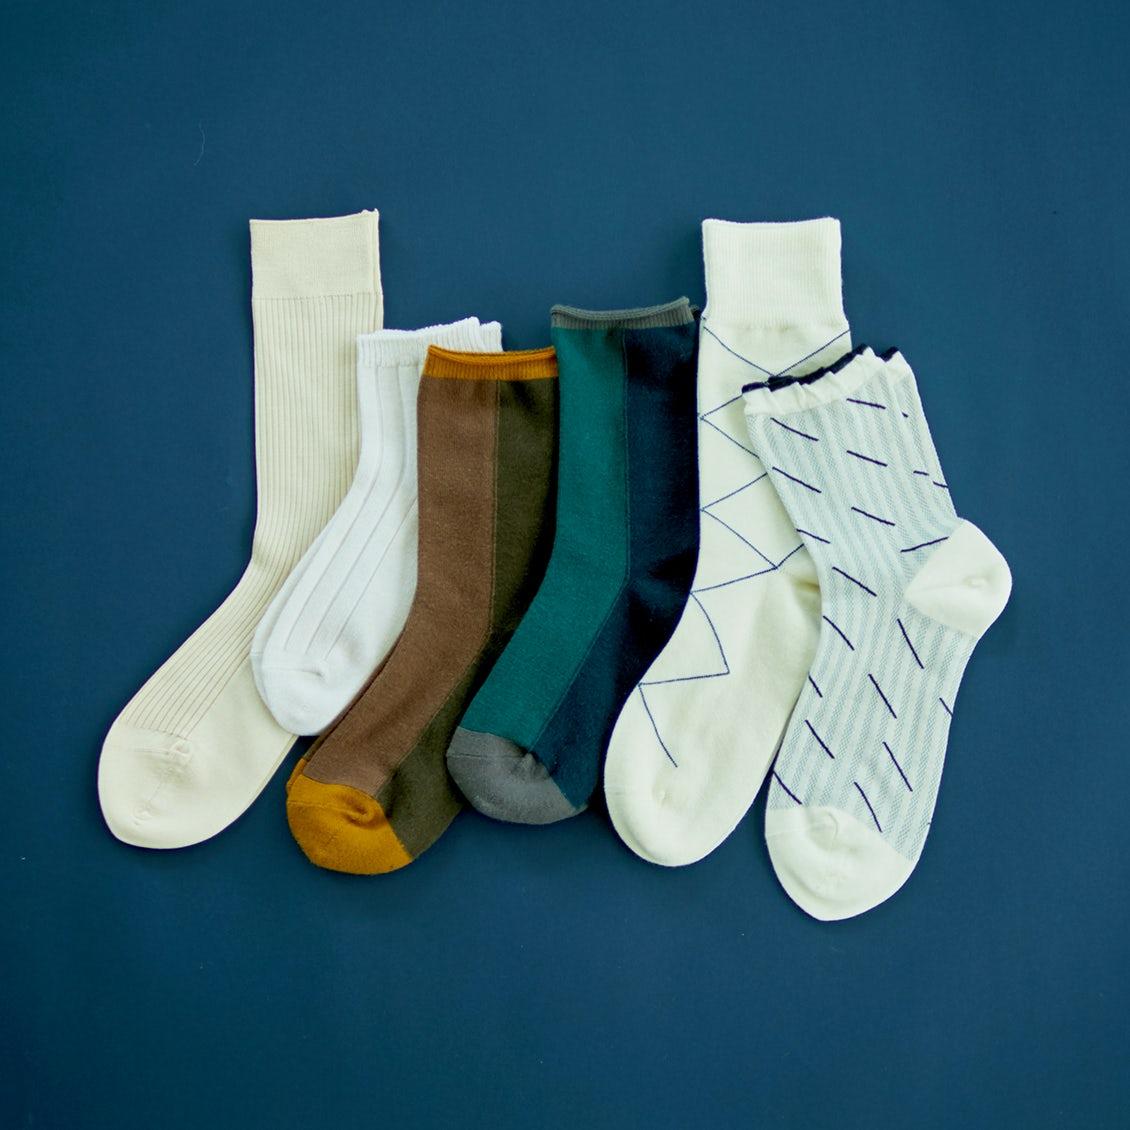 【秋色プラン】第2話:ポイントは「素肌見せ」のバランス?サンダルやスニーカー、大人が似合う靴下合わせの法則